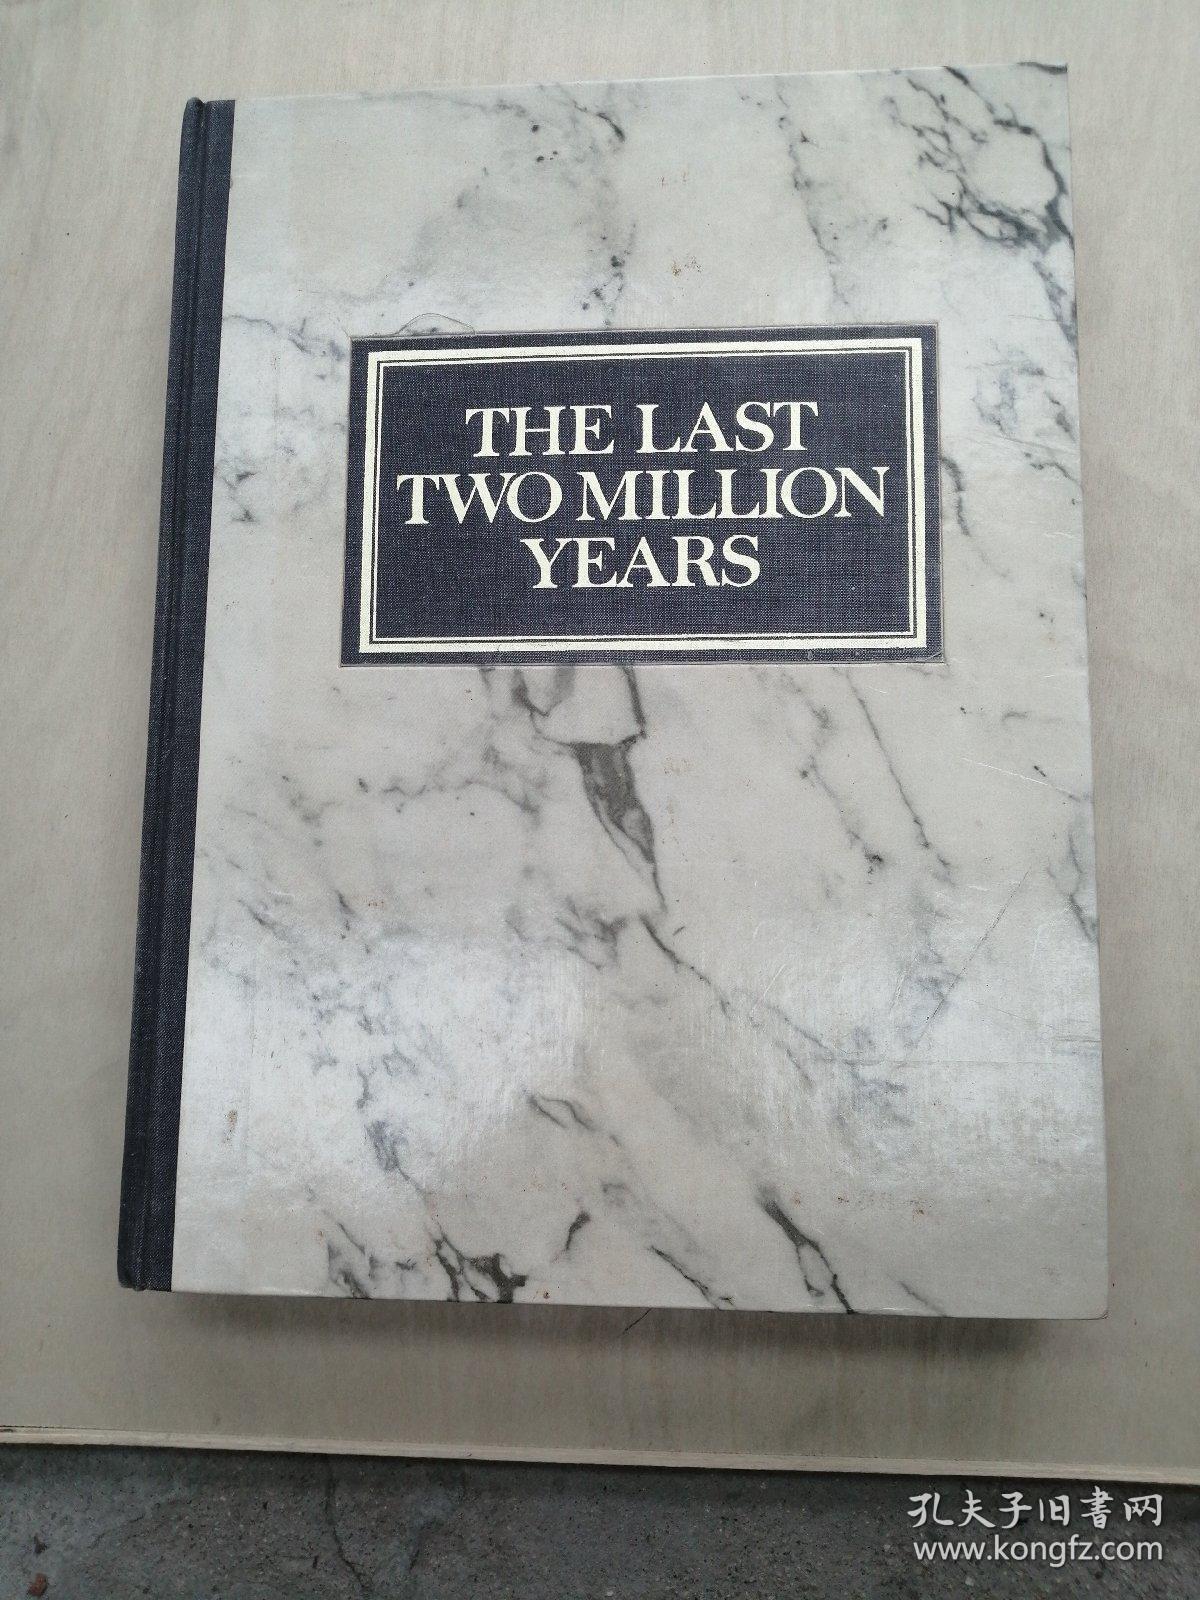 The Last Two Million Years 英文原版 全球通史【详情请看图】内页干净  实物拍摄